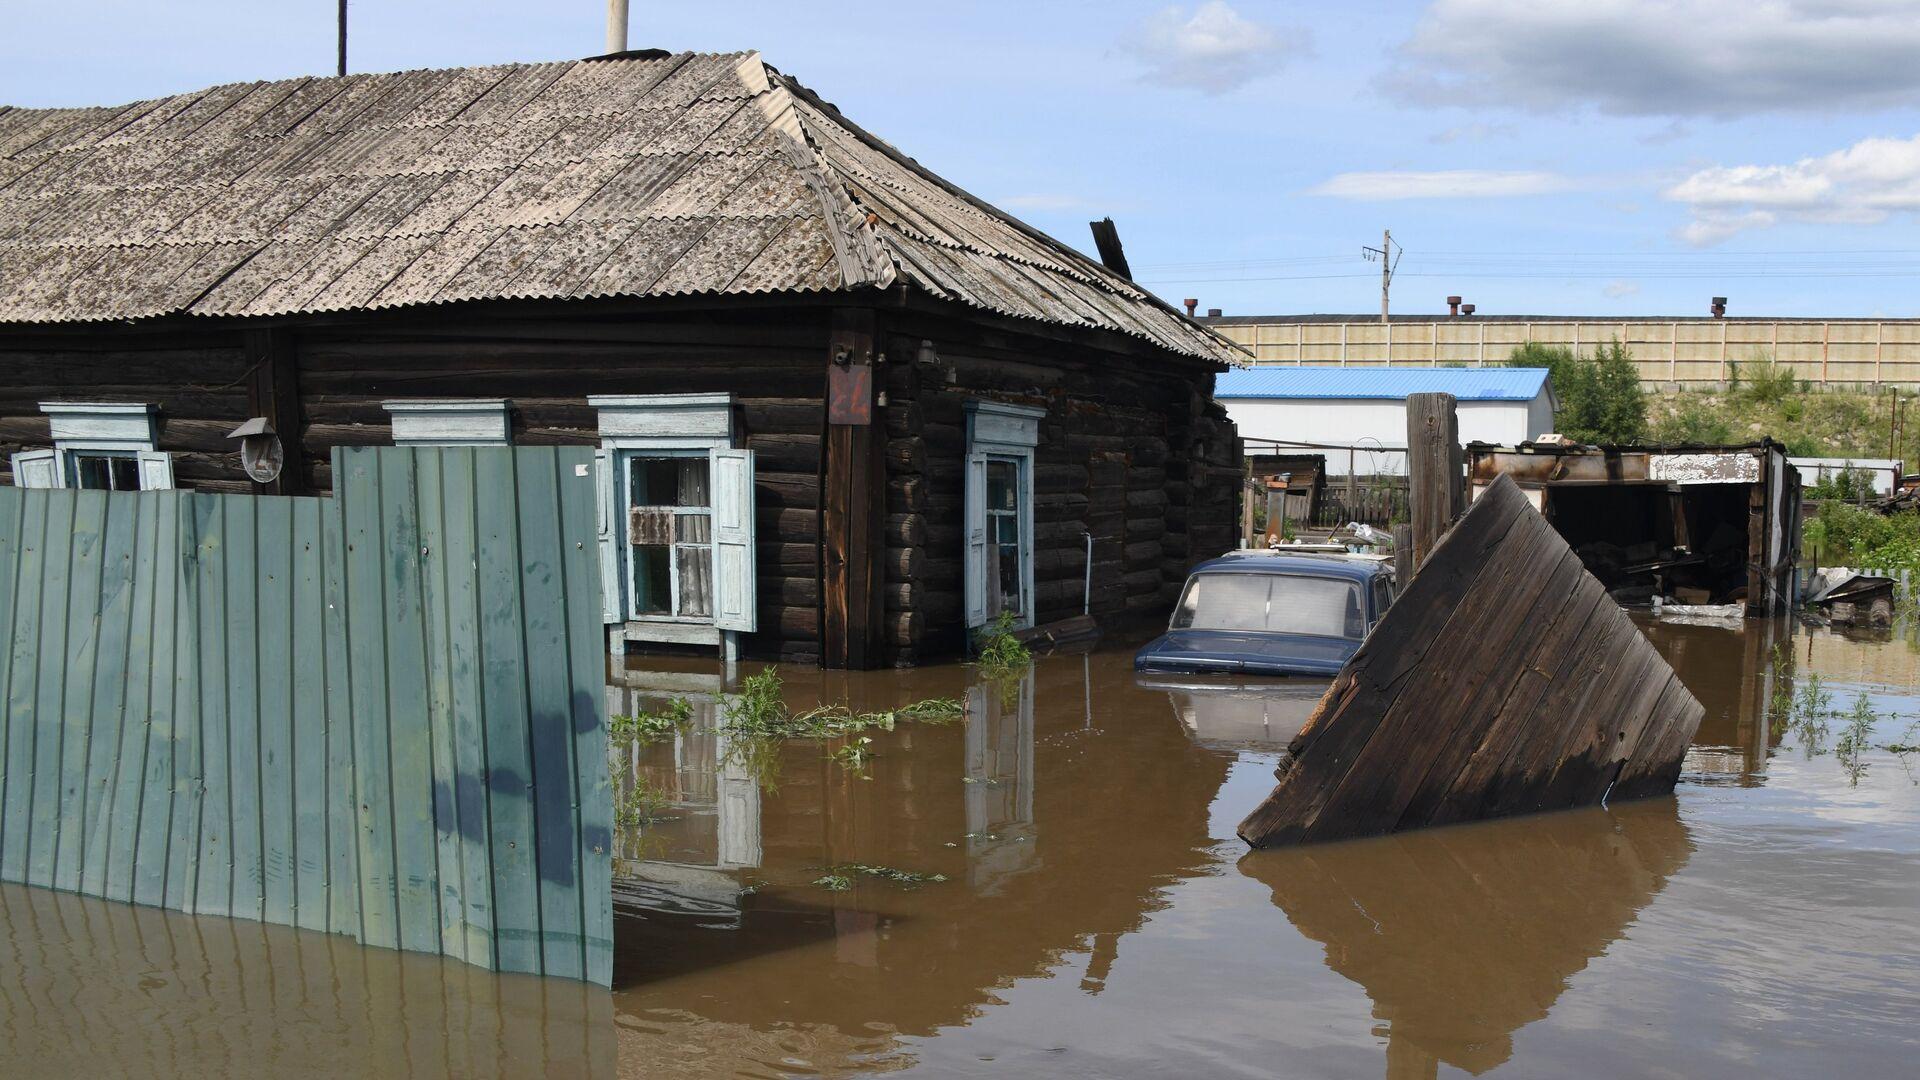 Частный дом, затопленный в результате паводка - РИА Новости, 1920, 20.08.2021